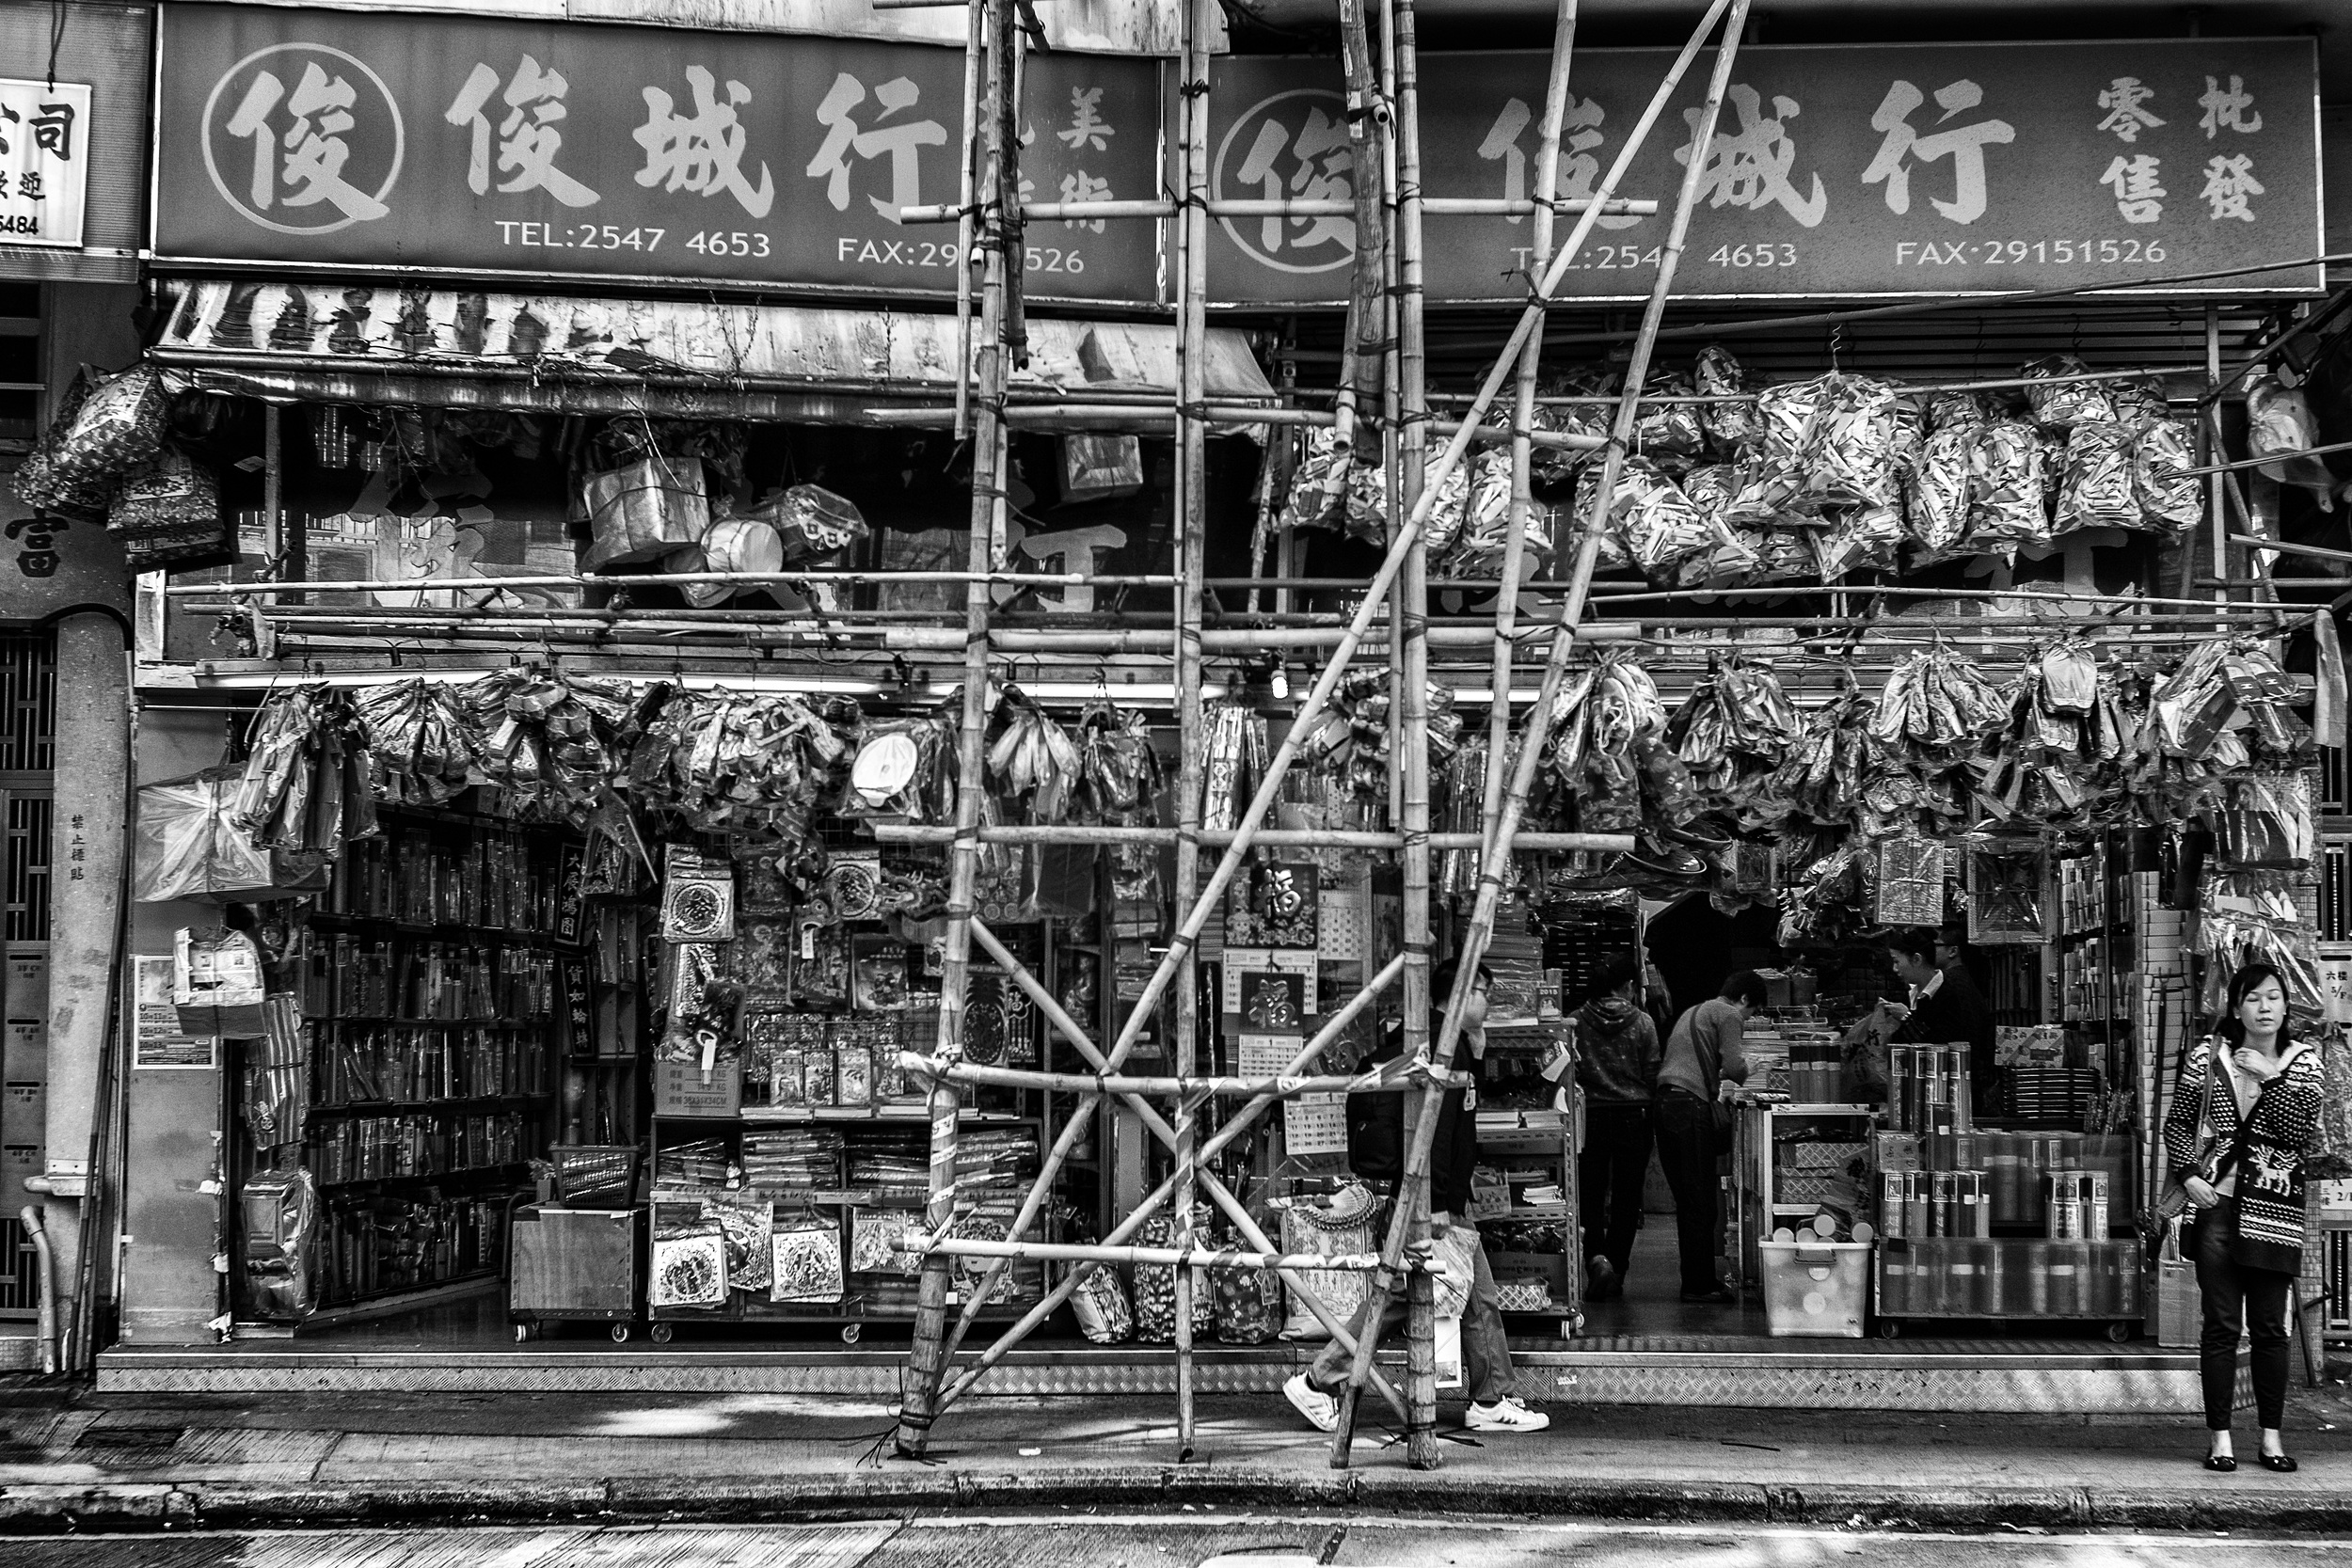 Store HK.jpg